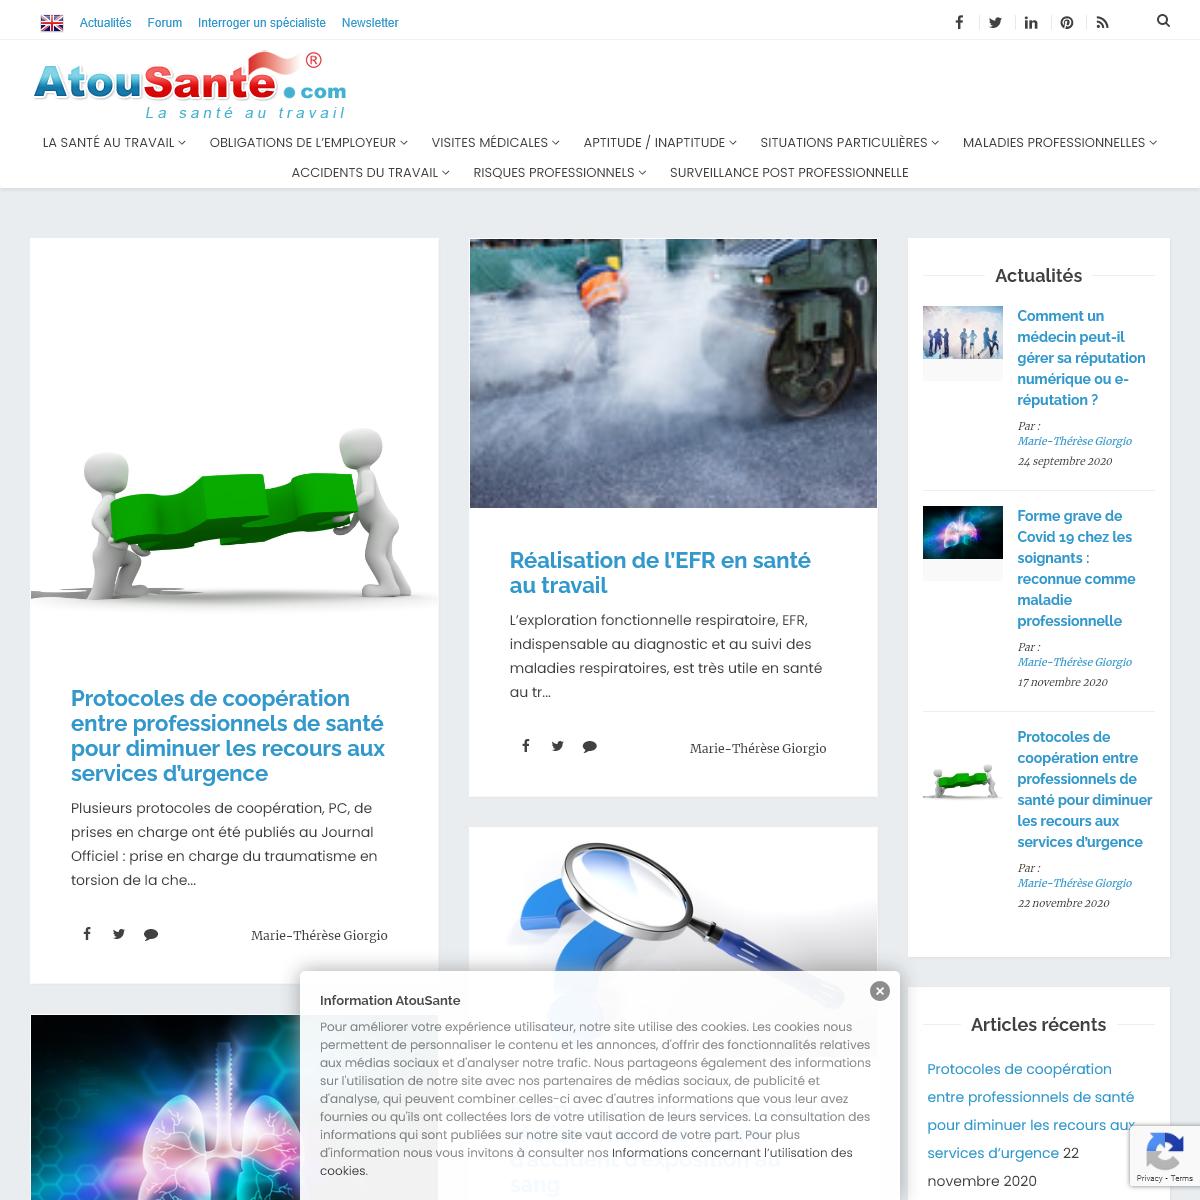 Santé au travail, médecine du travail - bienvenue sur AtouSante.com - AtouSante